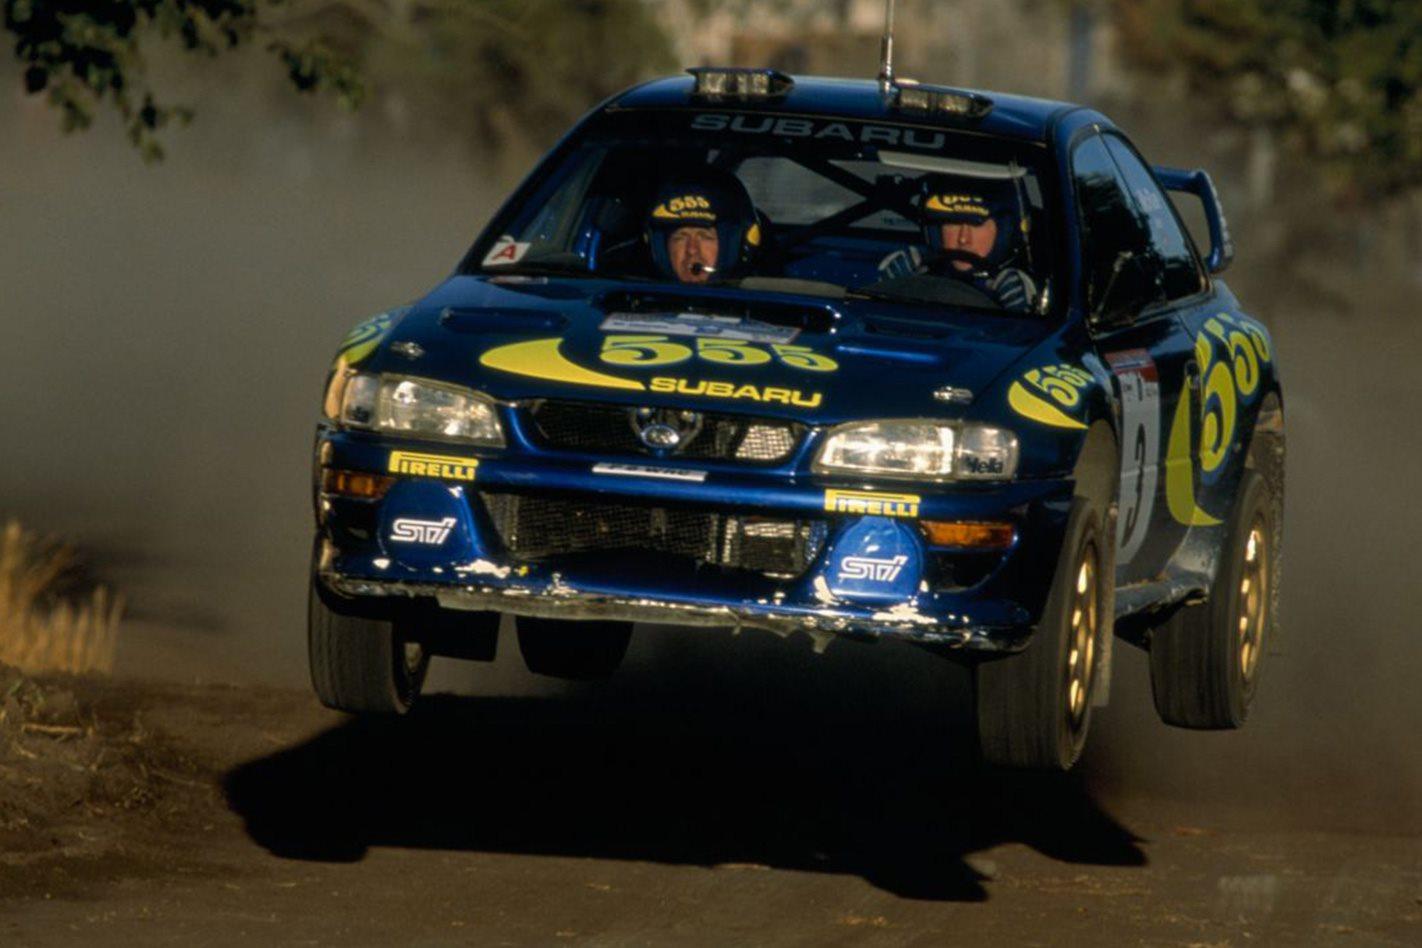 1999 Subaru WRX STi 22B Rally car